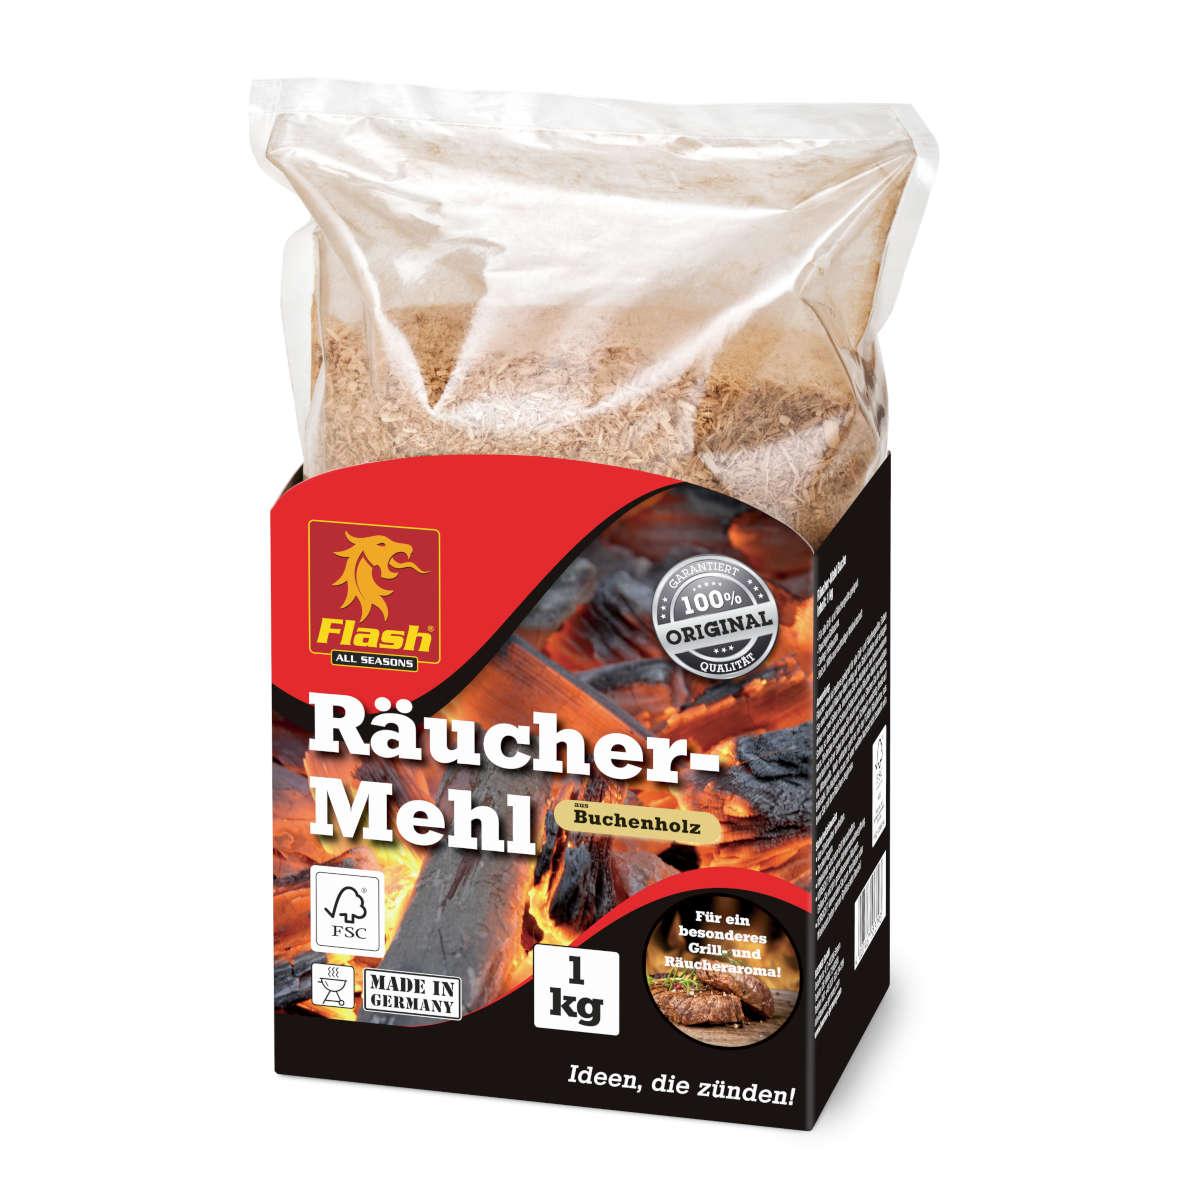 Räucher-Mehl Buche 1 kg